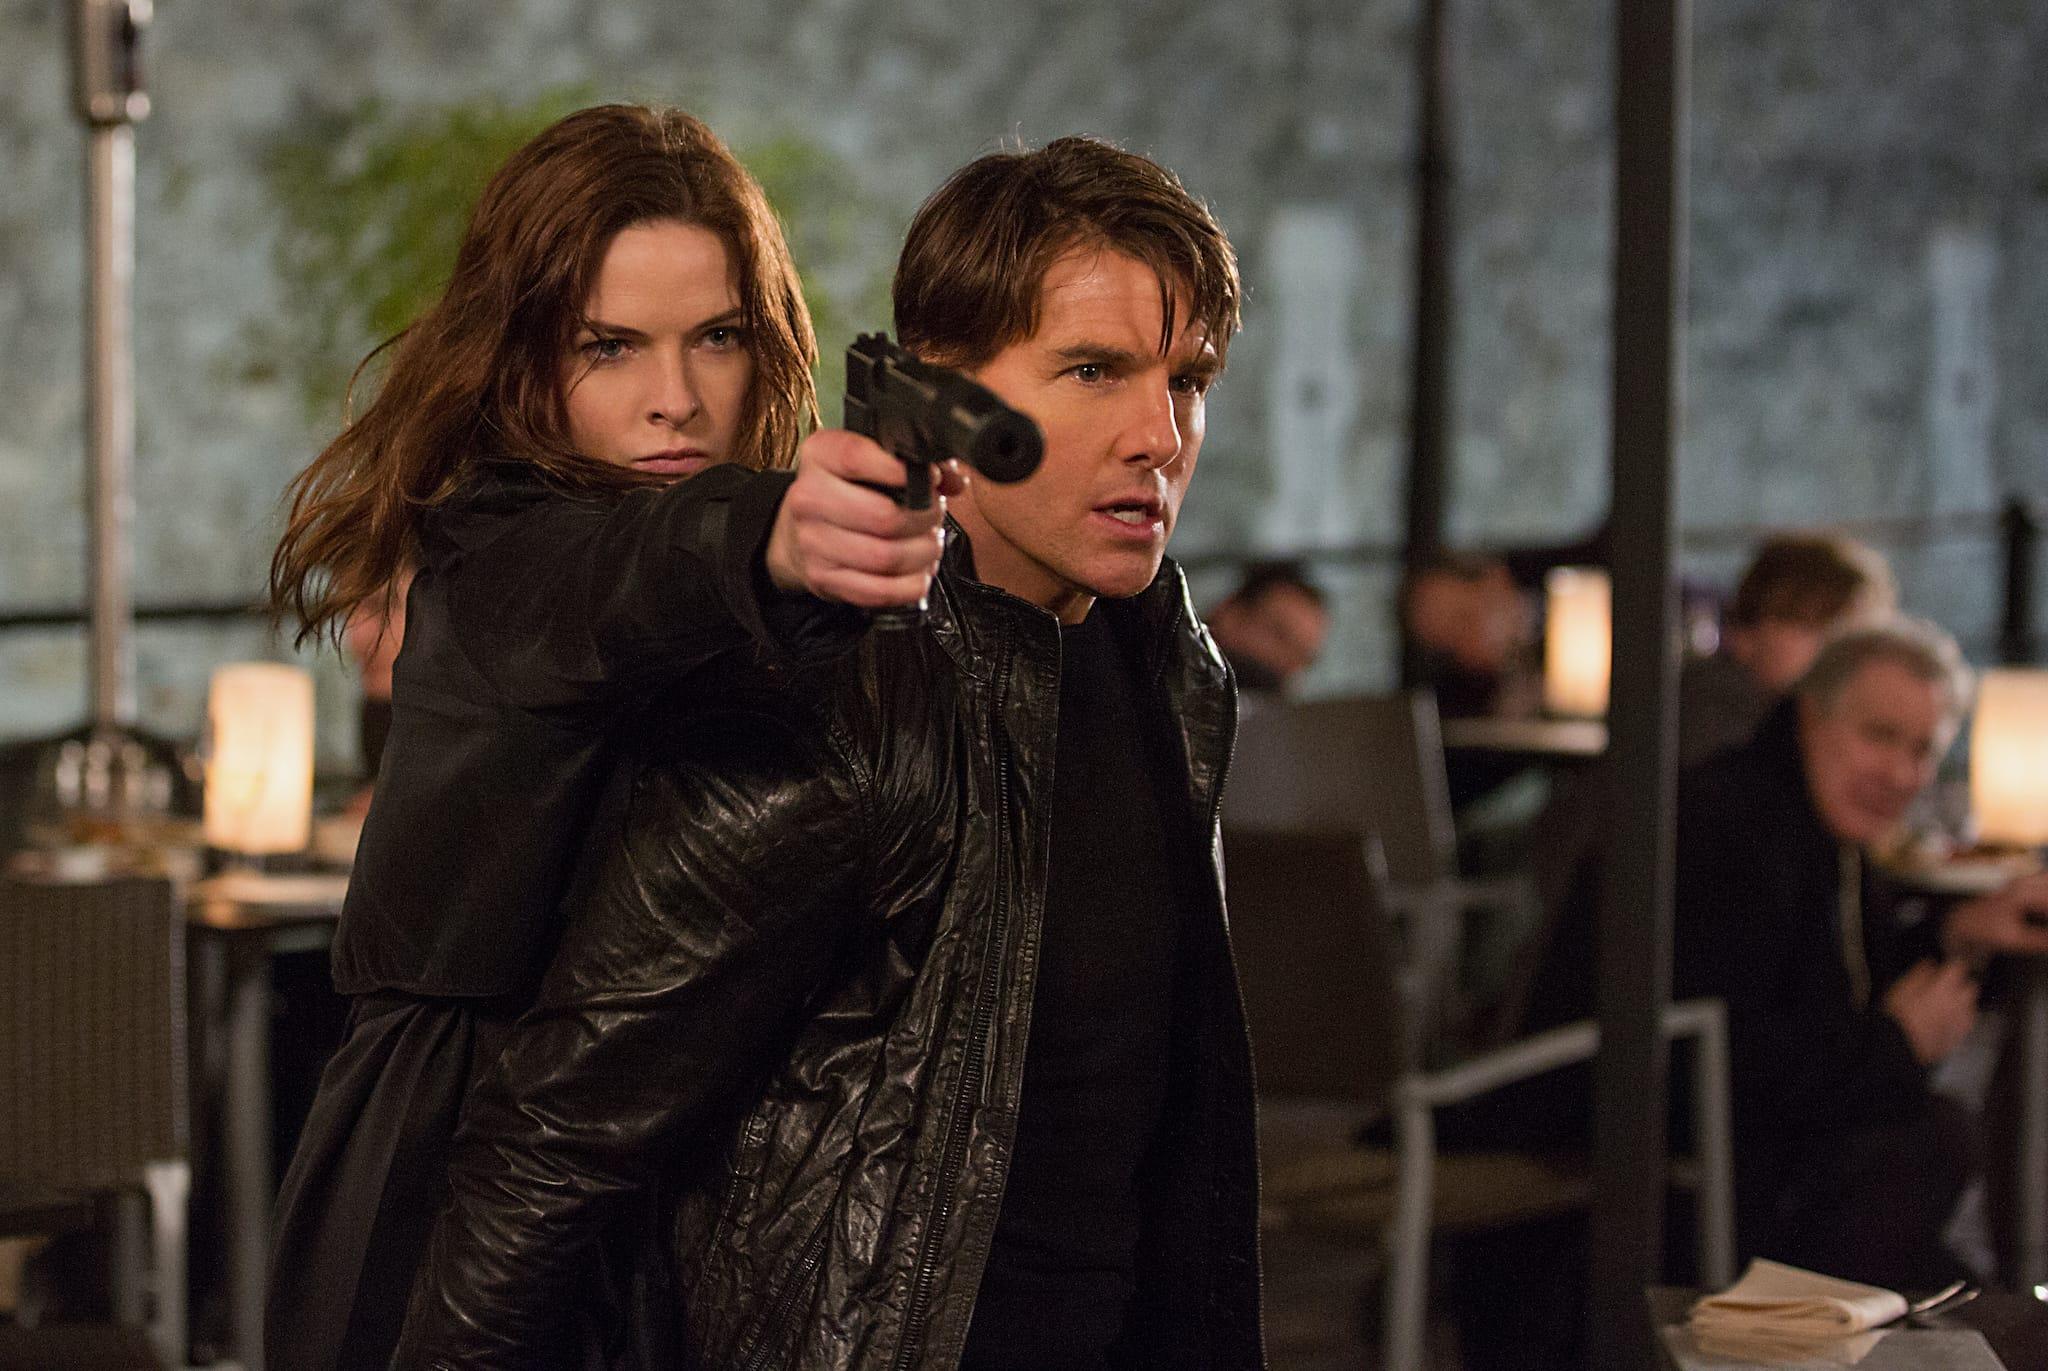 Mission Impossible - Rogue Nation (2015) de Christopher McQuarrie image film cinéma